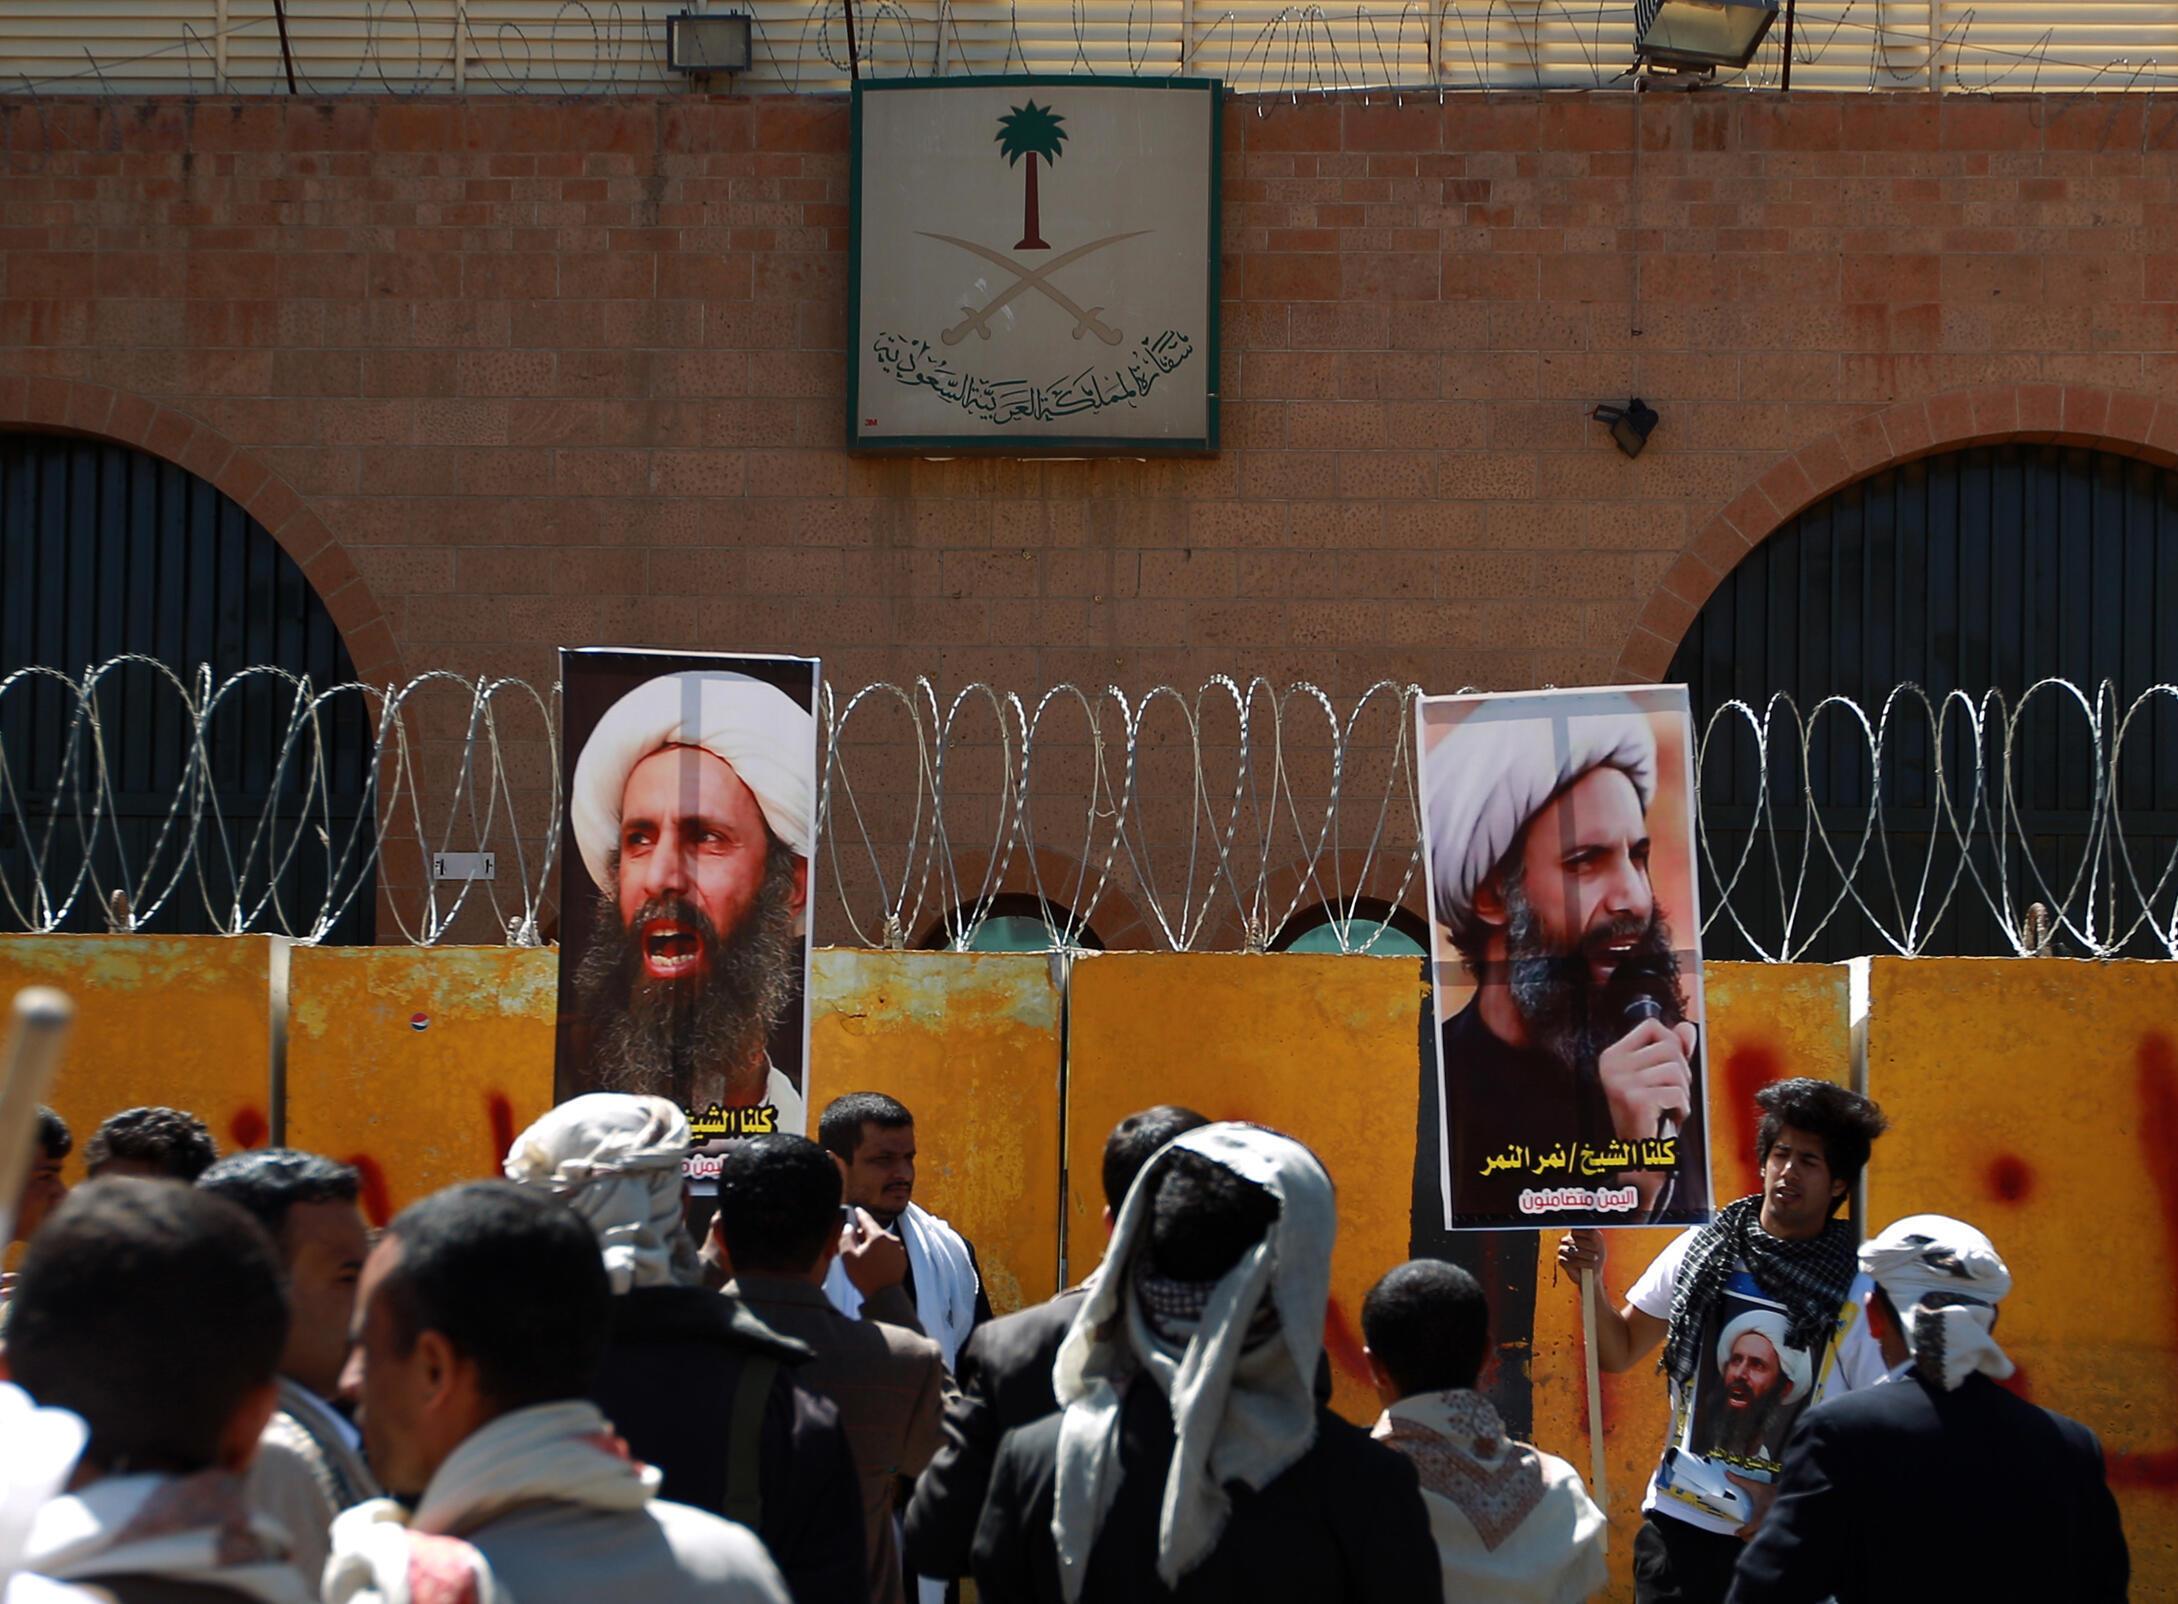 Manifestação de apoio ao xeque Nimr, diante da embaixada saudita em Sanaa, no Iêmen, em outubro de 2014.